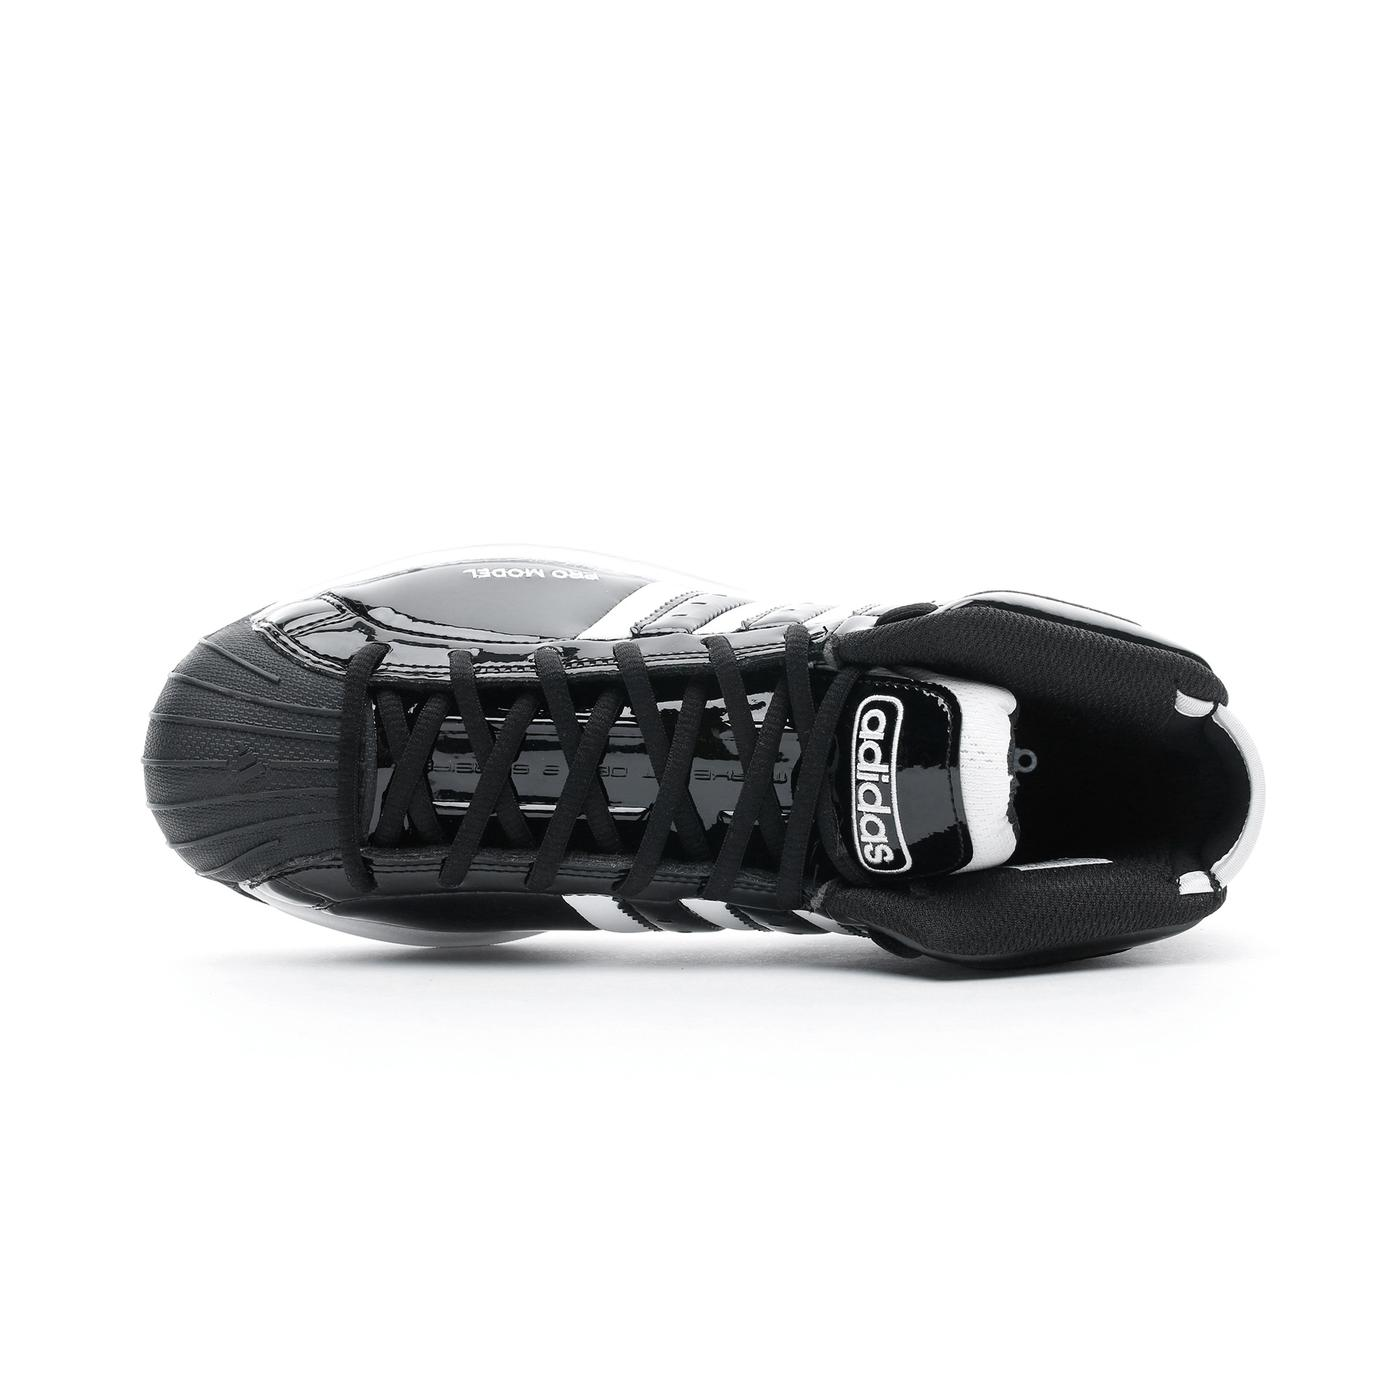 adidas Pro Model 2G Erkek Siyah Spor Ayakkabı